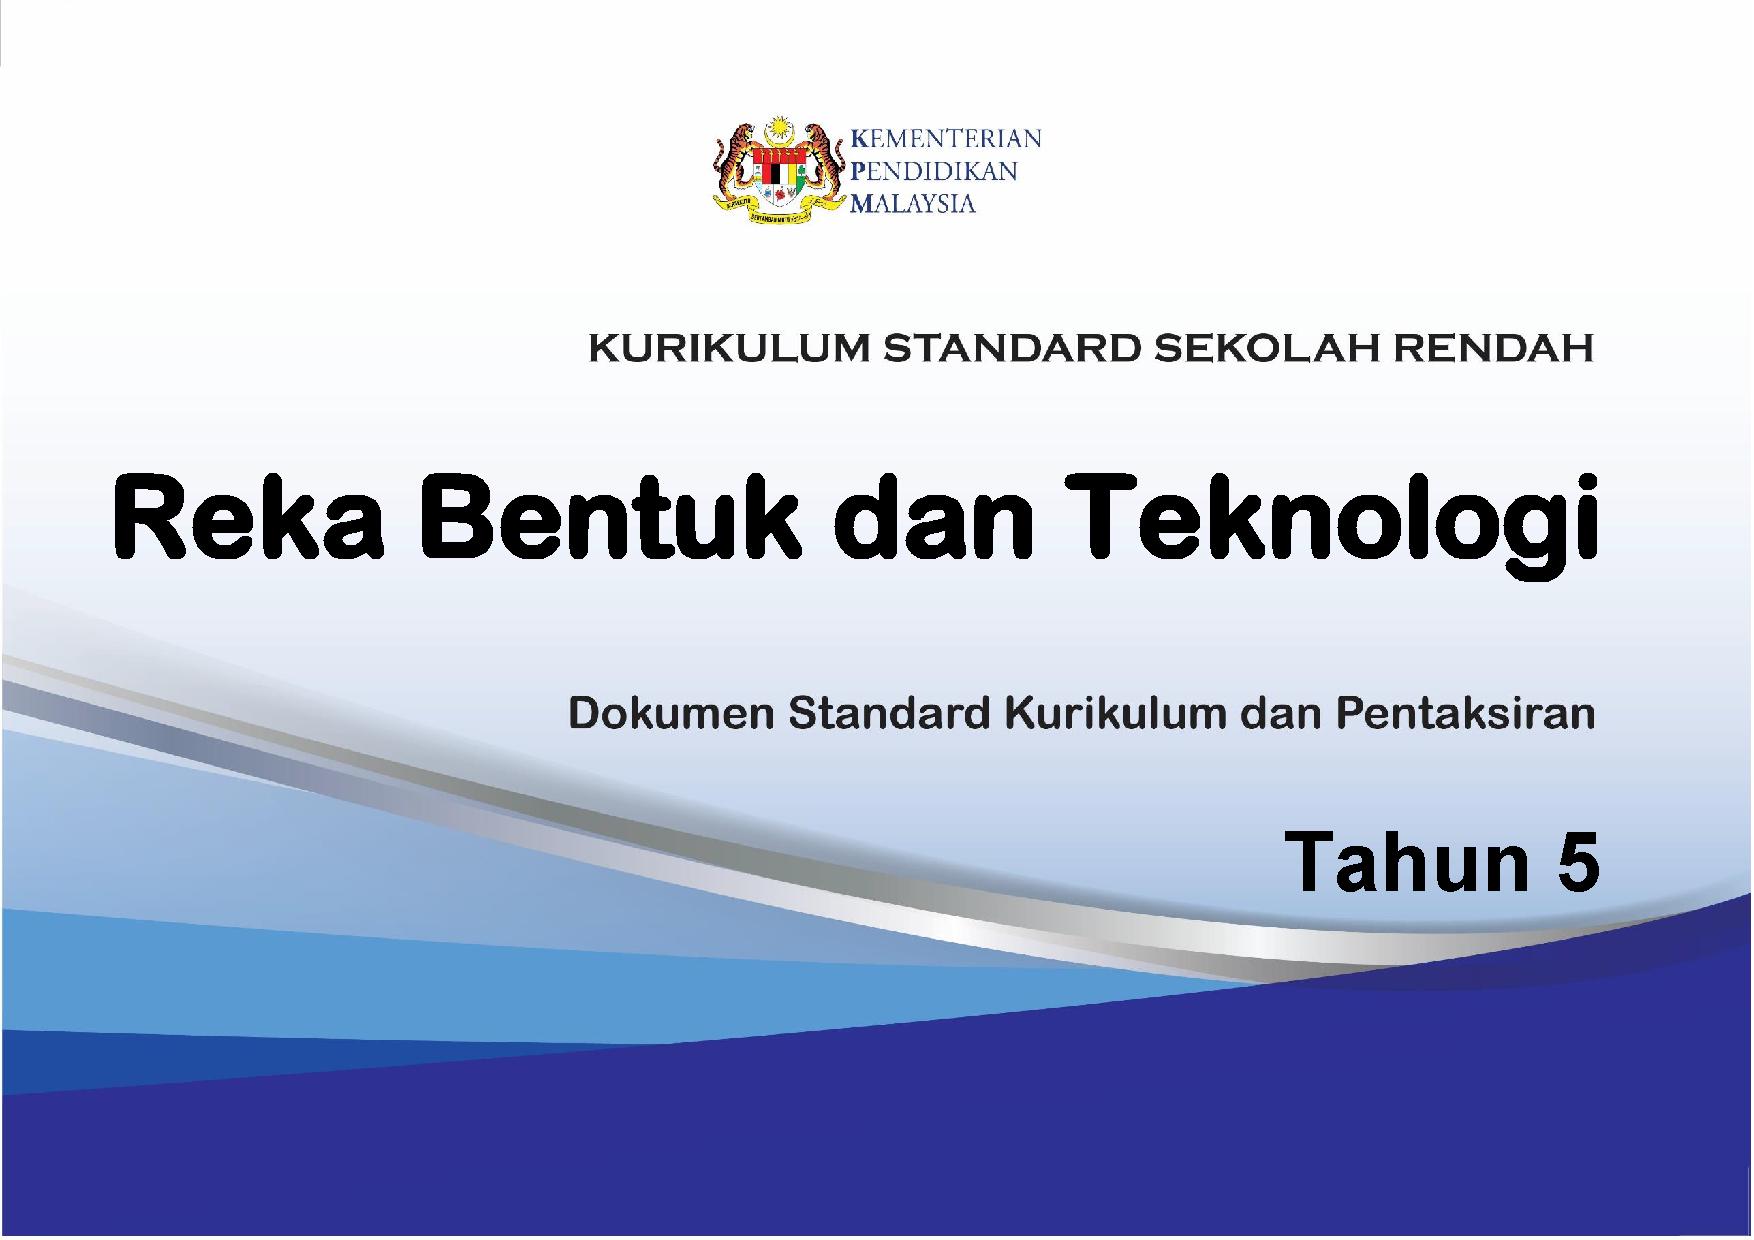 Dskp Kssr Semakan Reka Bentuk Dan Teknologi Tahun 5 Tcer My